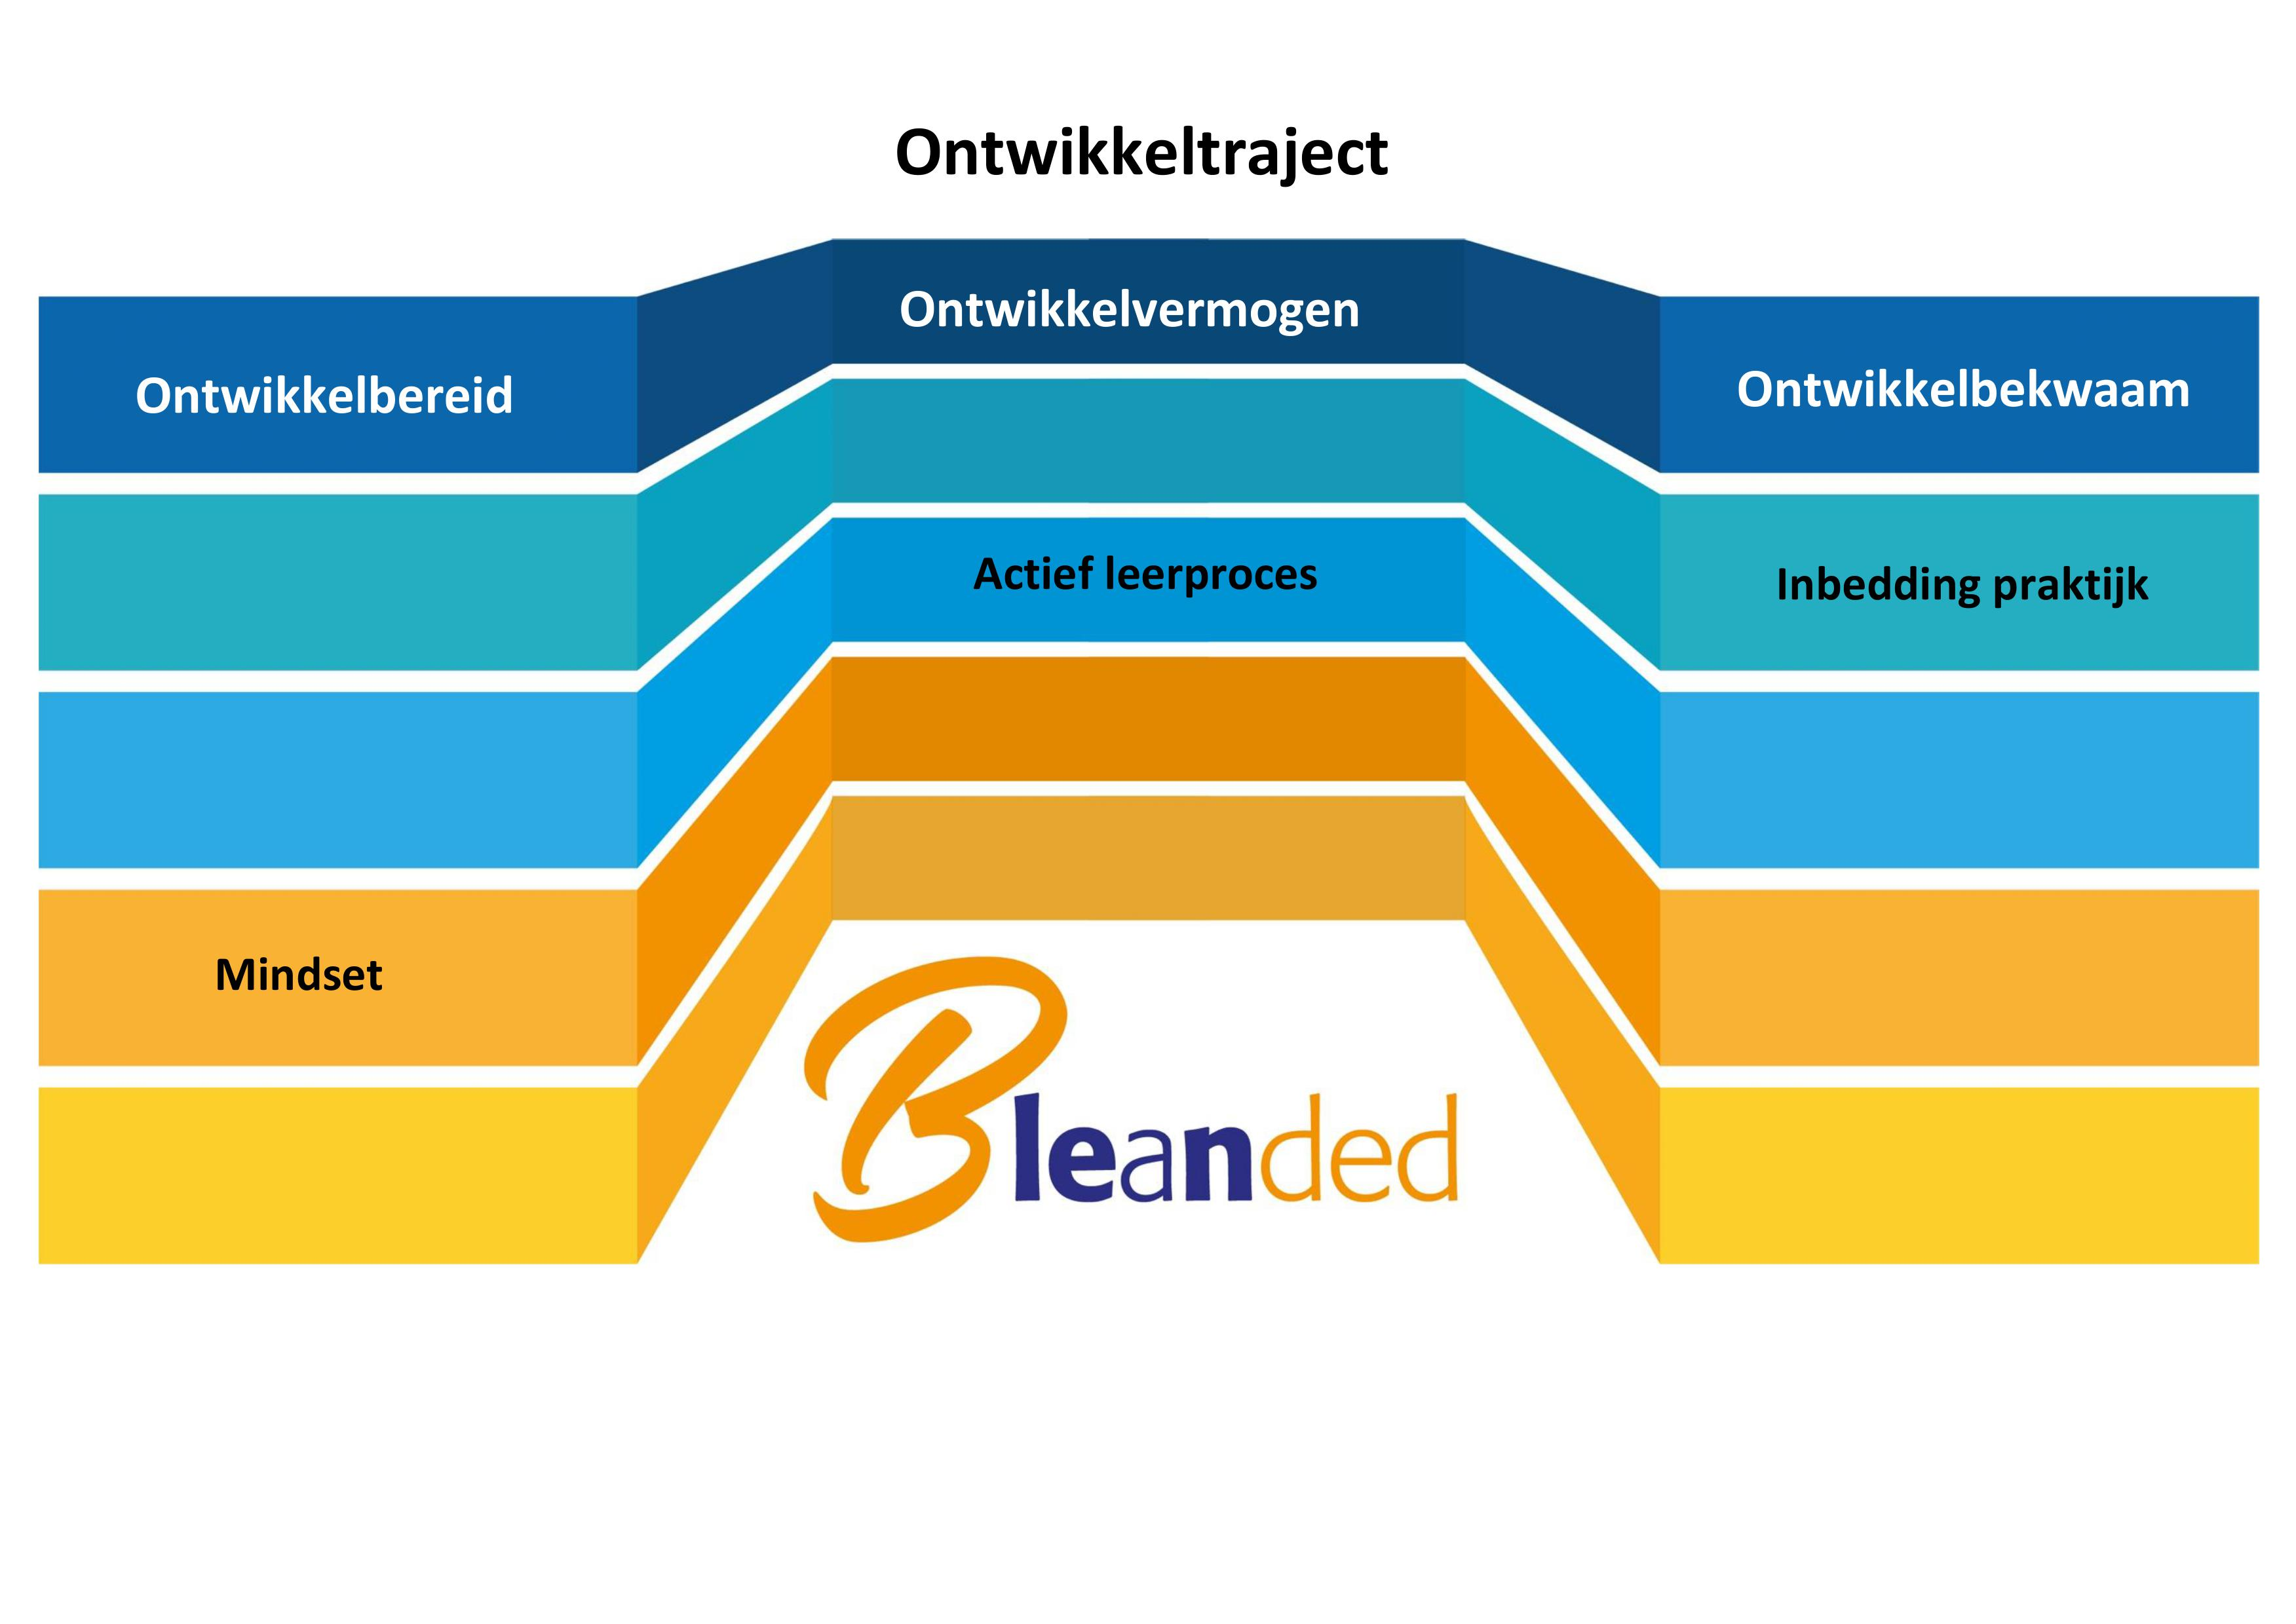 Ontwikkeltraject organisaties Bleanded